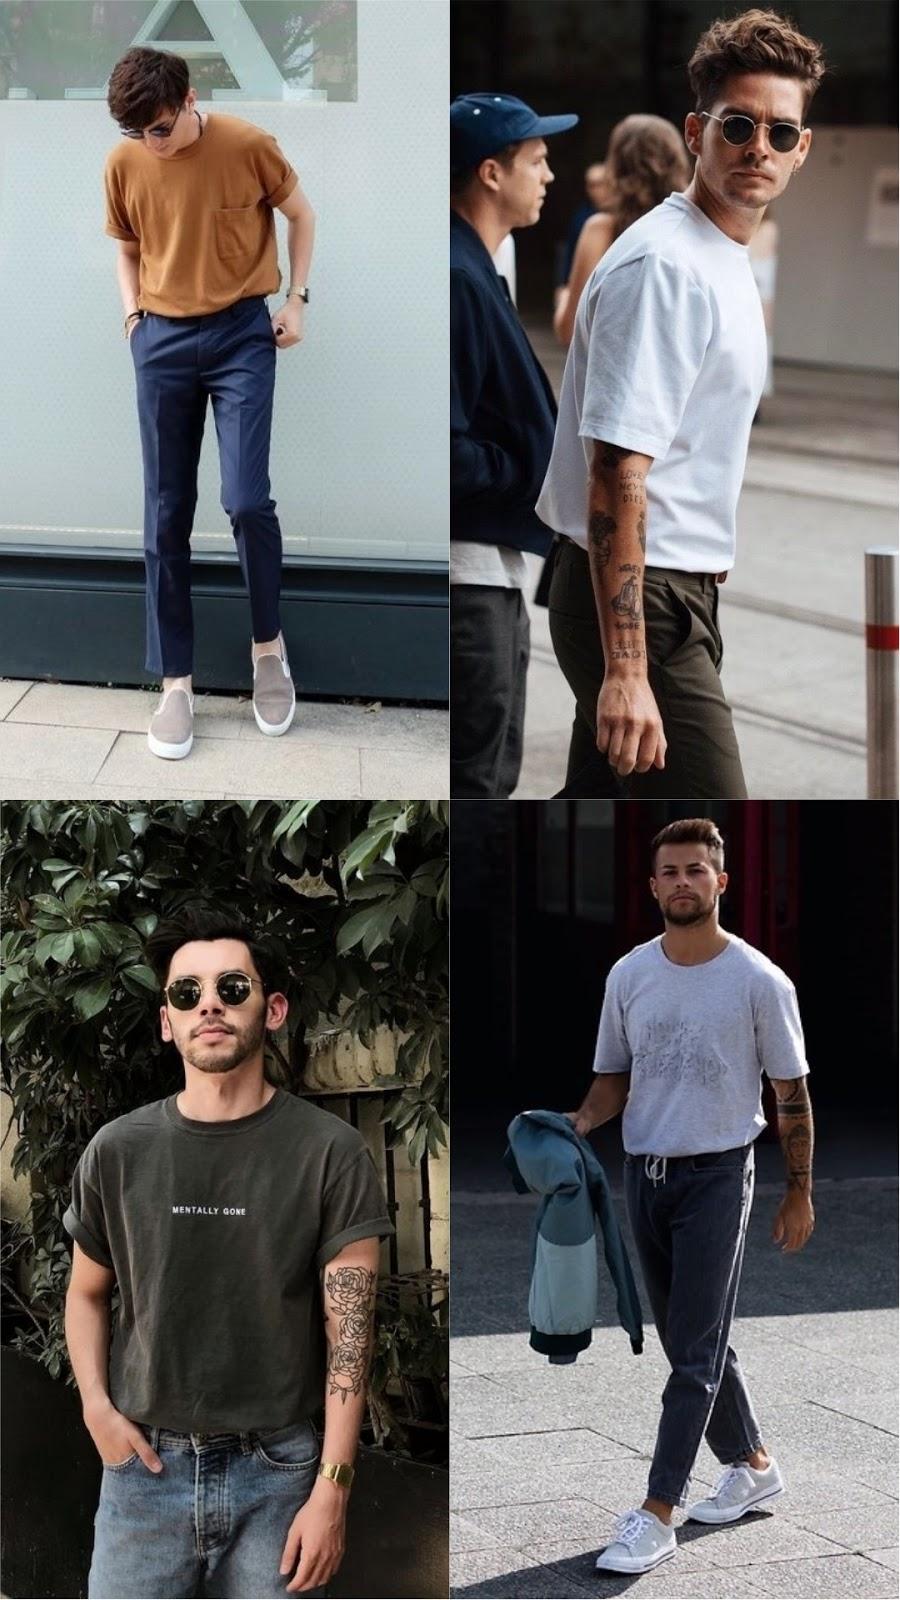 tendencias-moda-masculina-primavera-verao-2019-blog-tres-chic-camiseta-para-dentro-da-calça